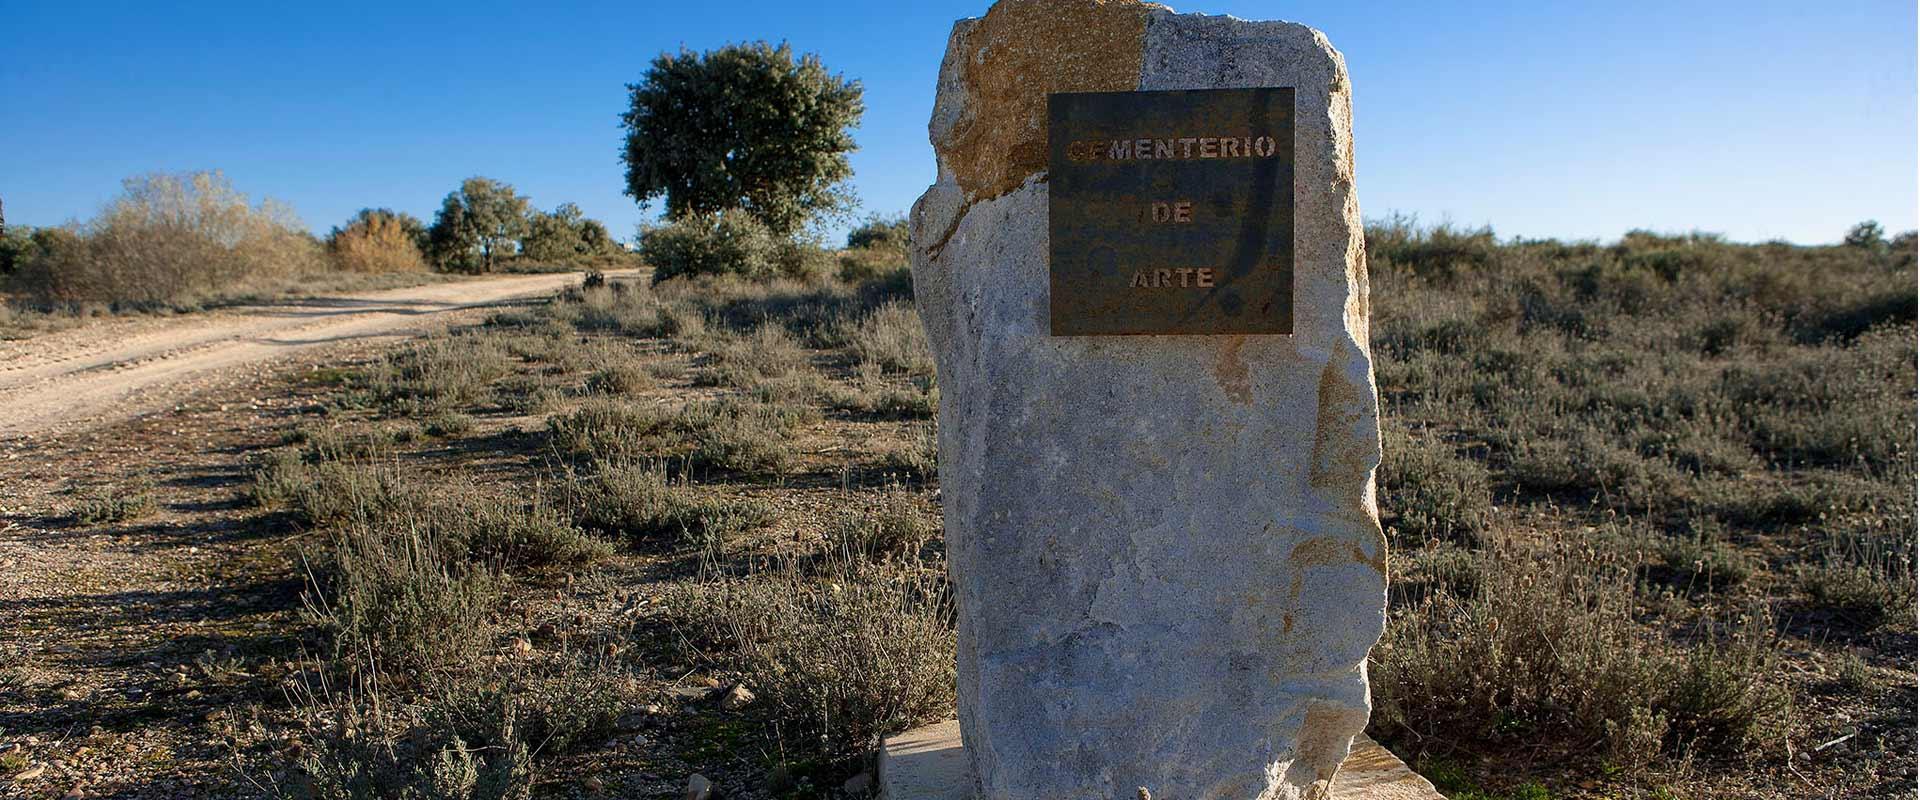 El Cementerio de Arte de Morille: el único para obras de arte